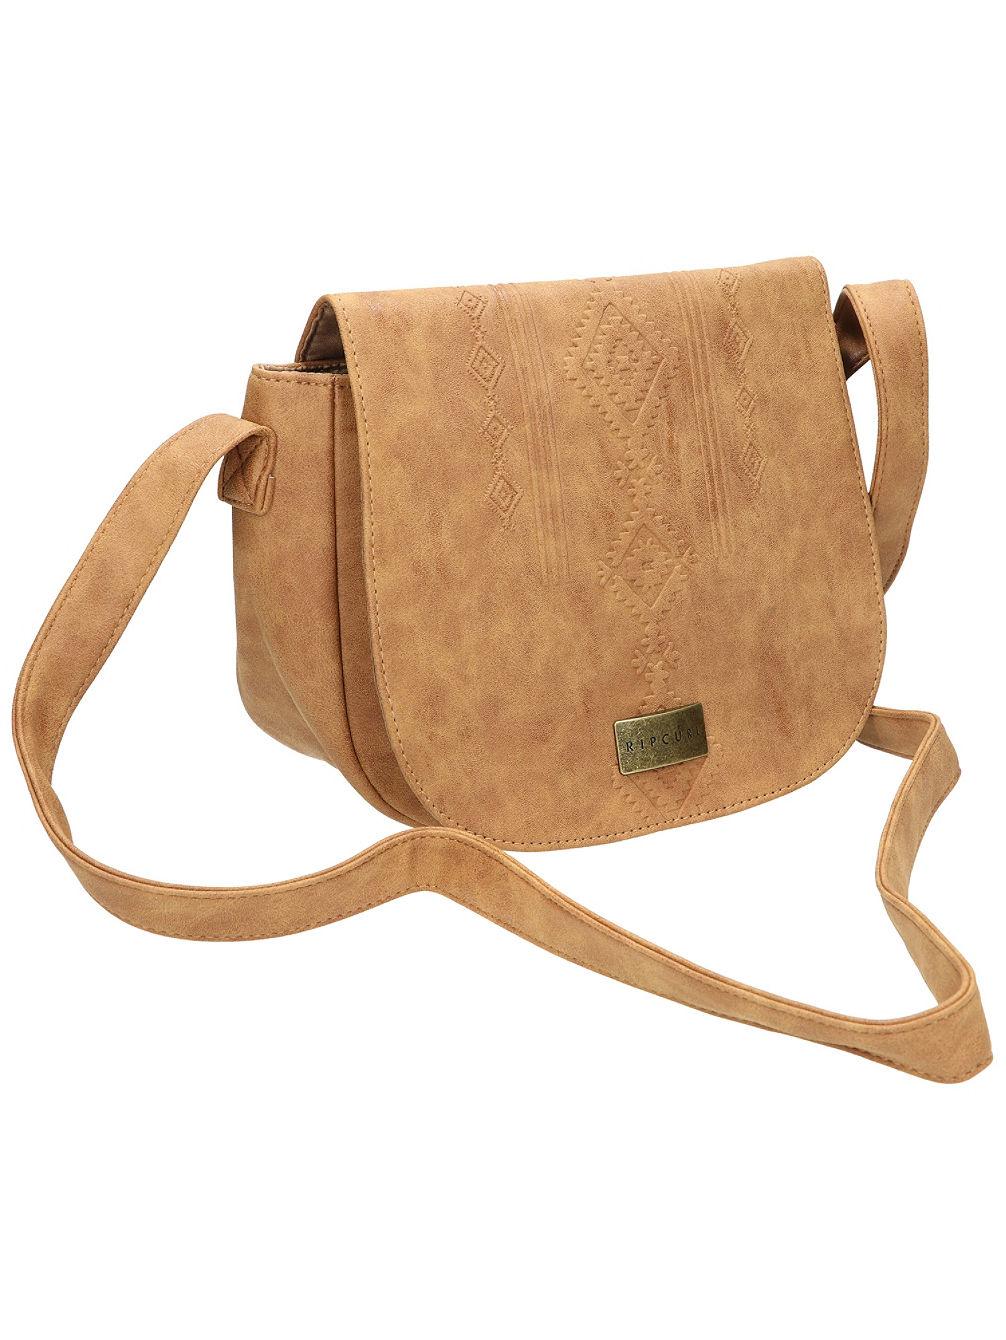 High Sands Shoulder Bag